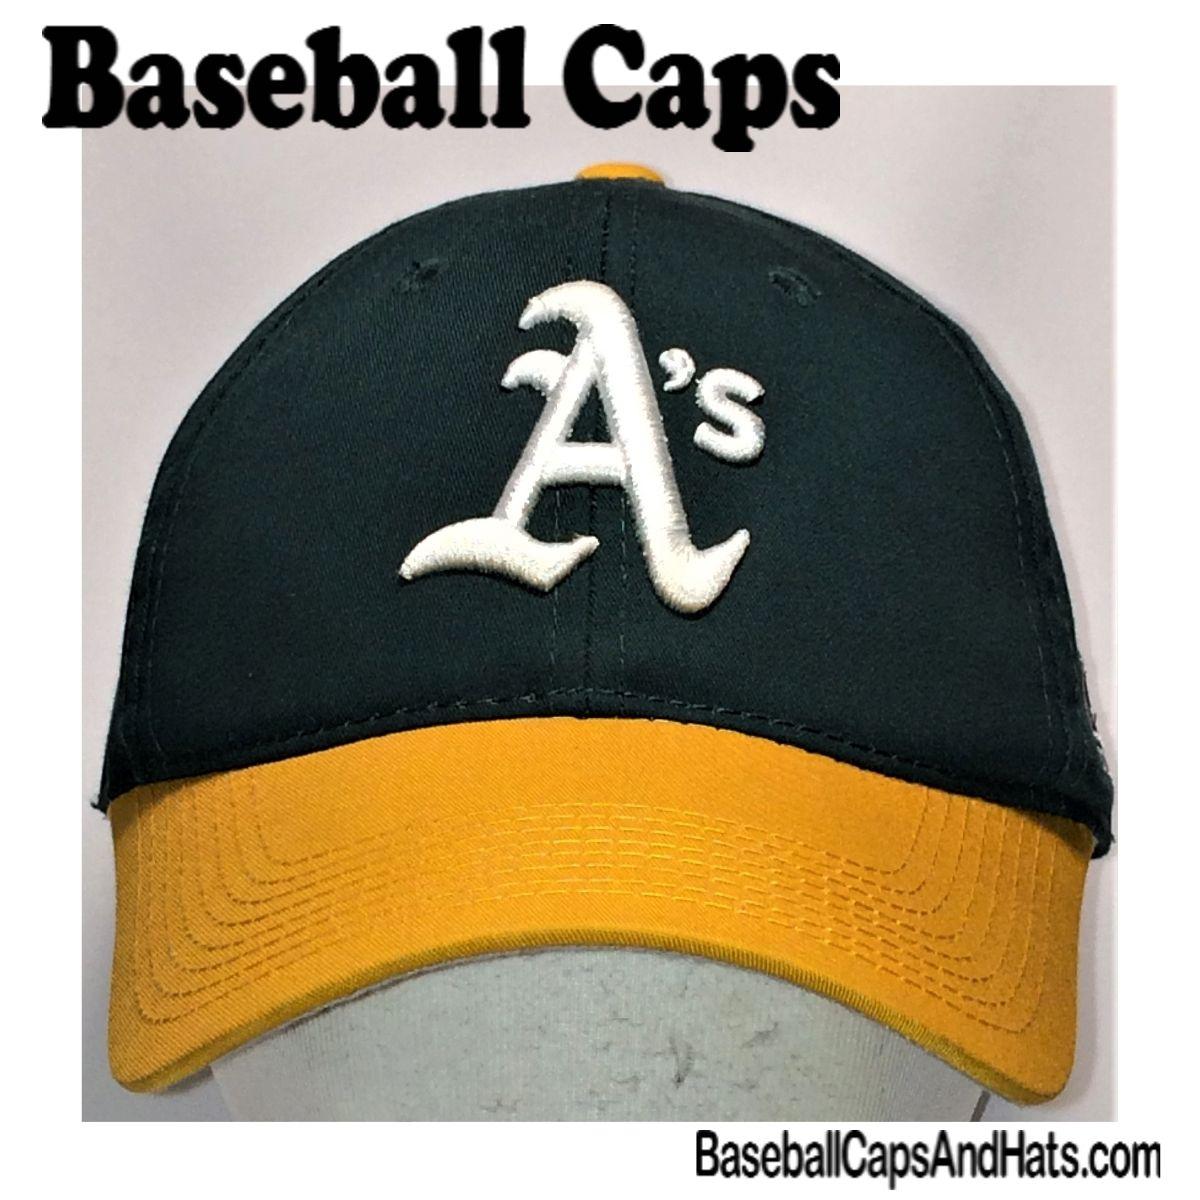 Baseball Caps - Check Out our Baseball Caps like this Okland